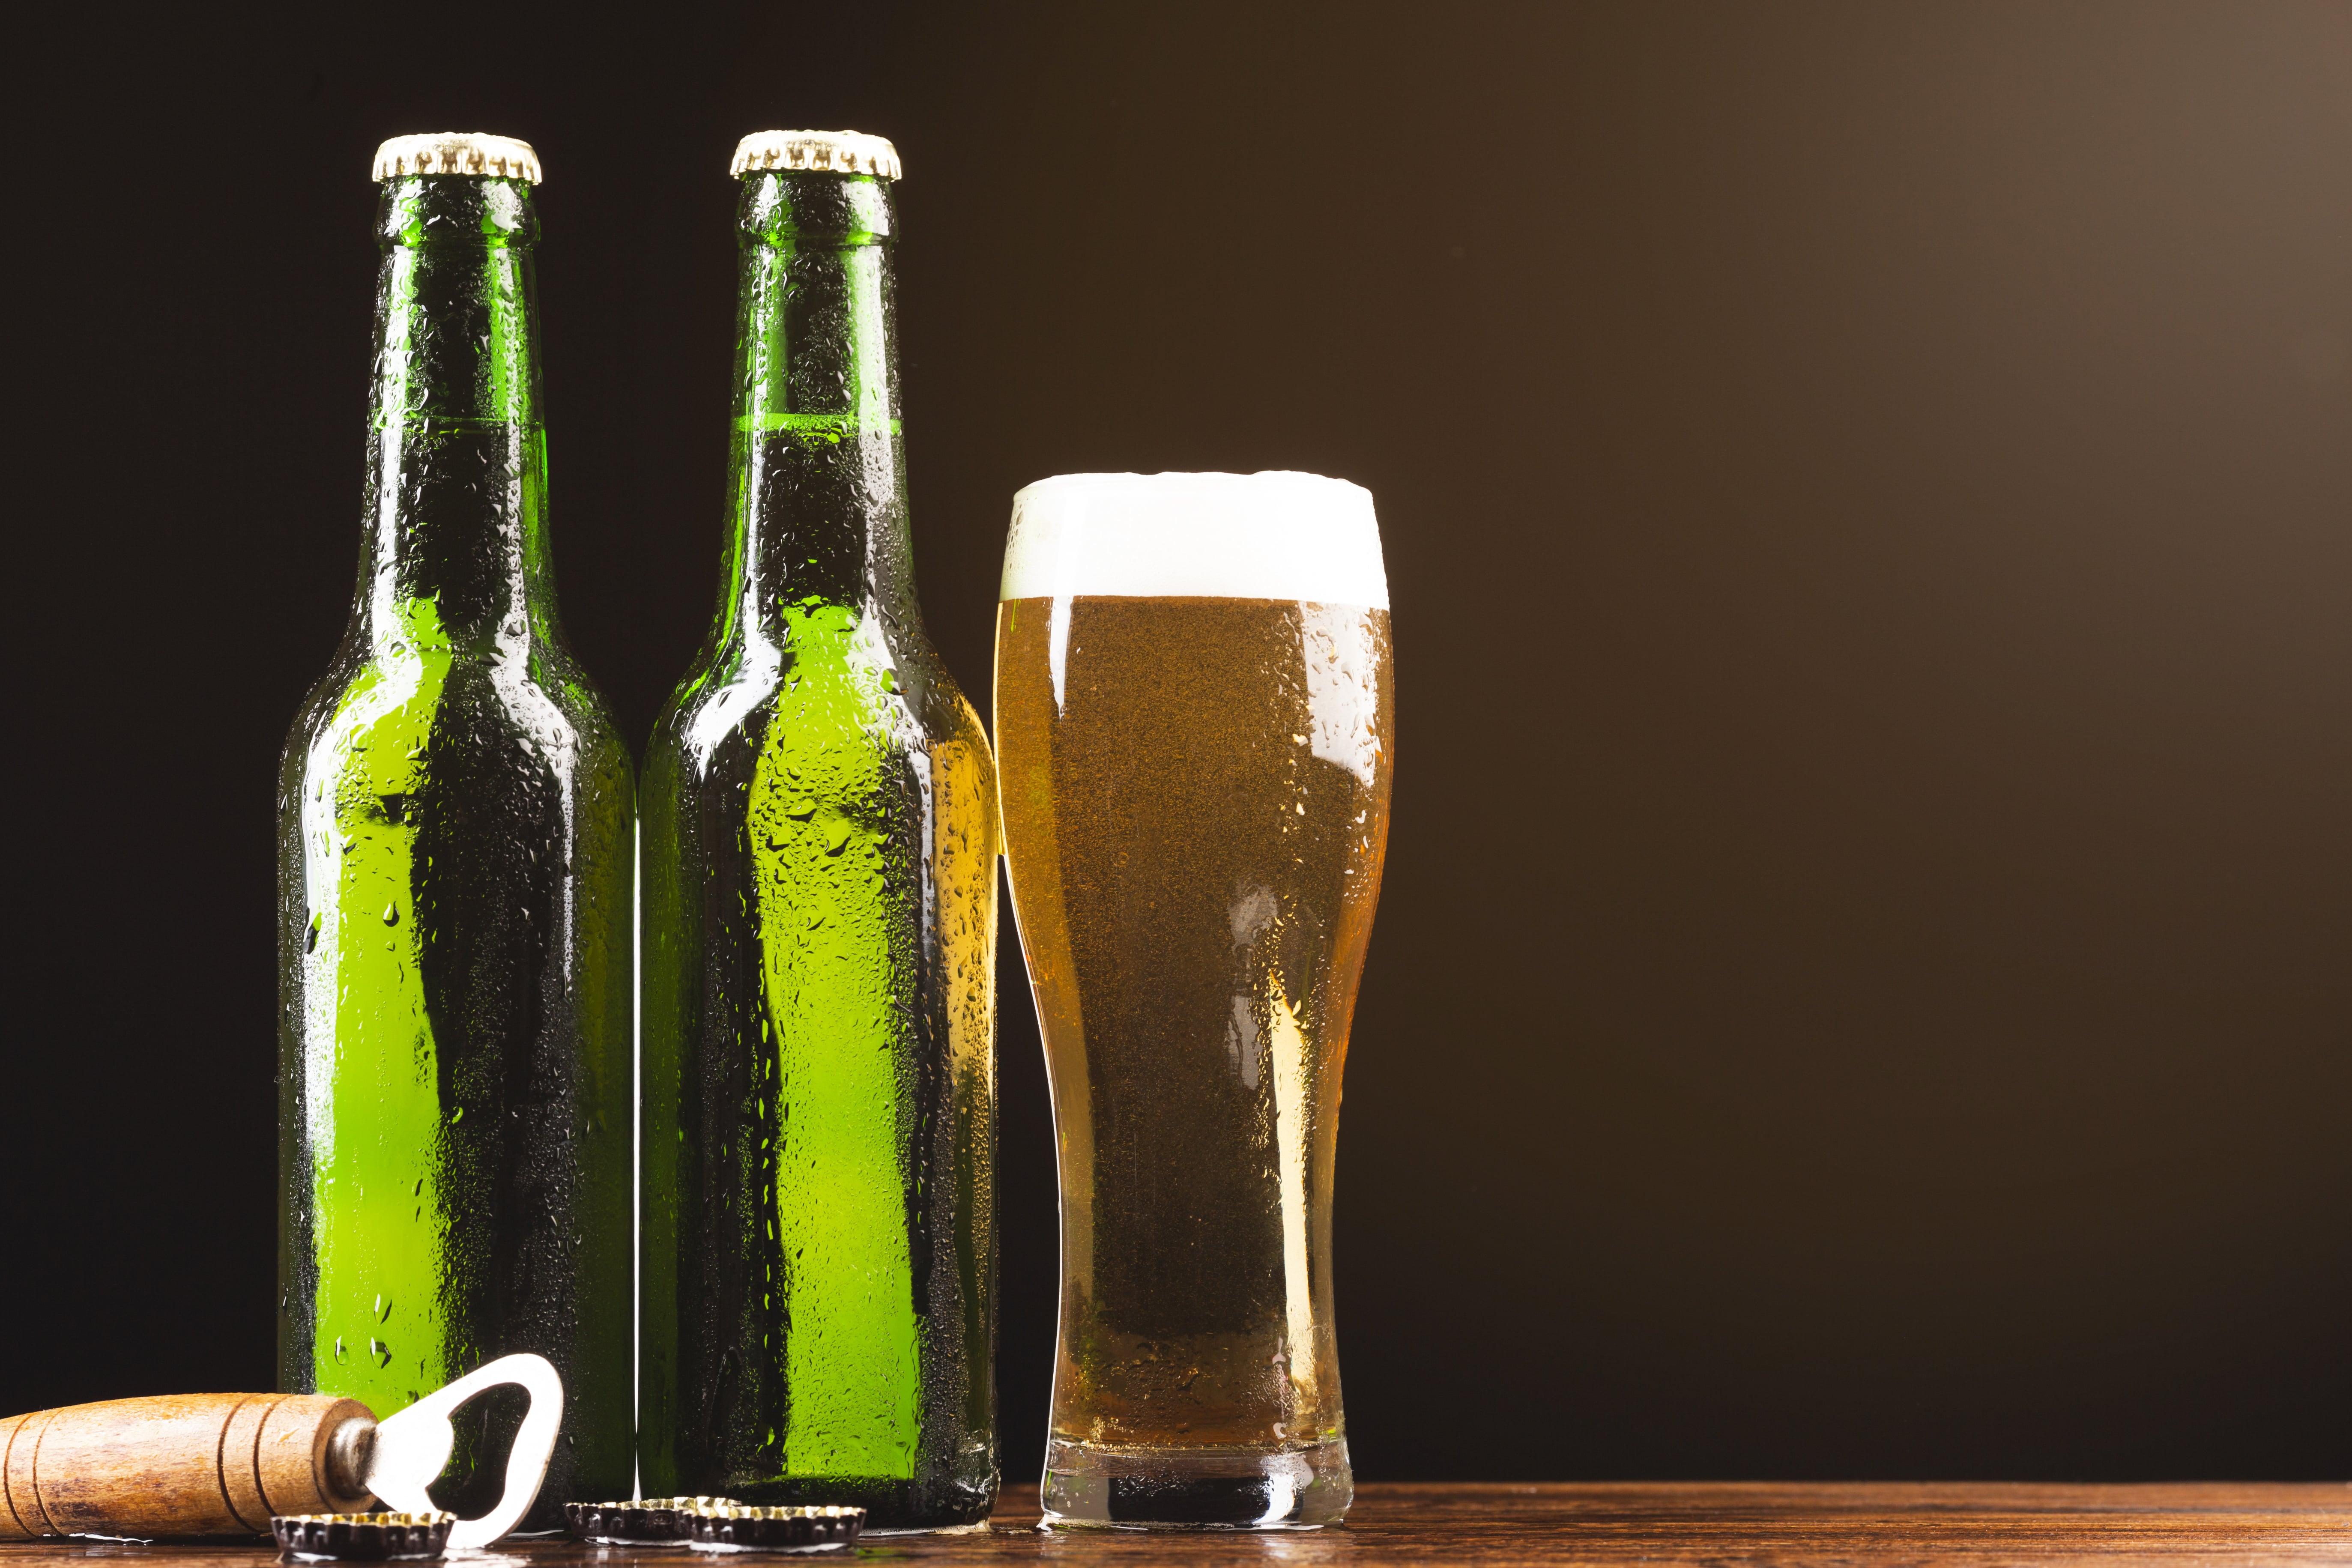 Duas garrafas de vidro de cerveja com um copo cheio de cerveja ao lado e um abridor de cerveja.